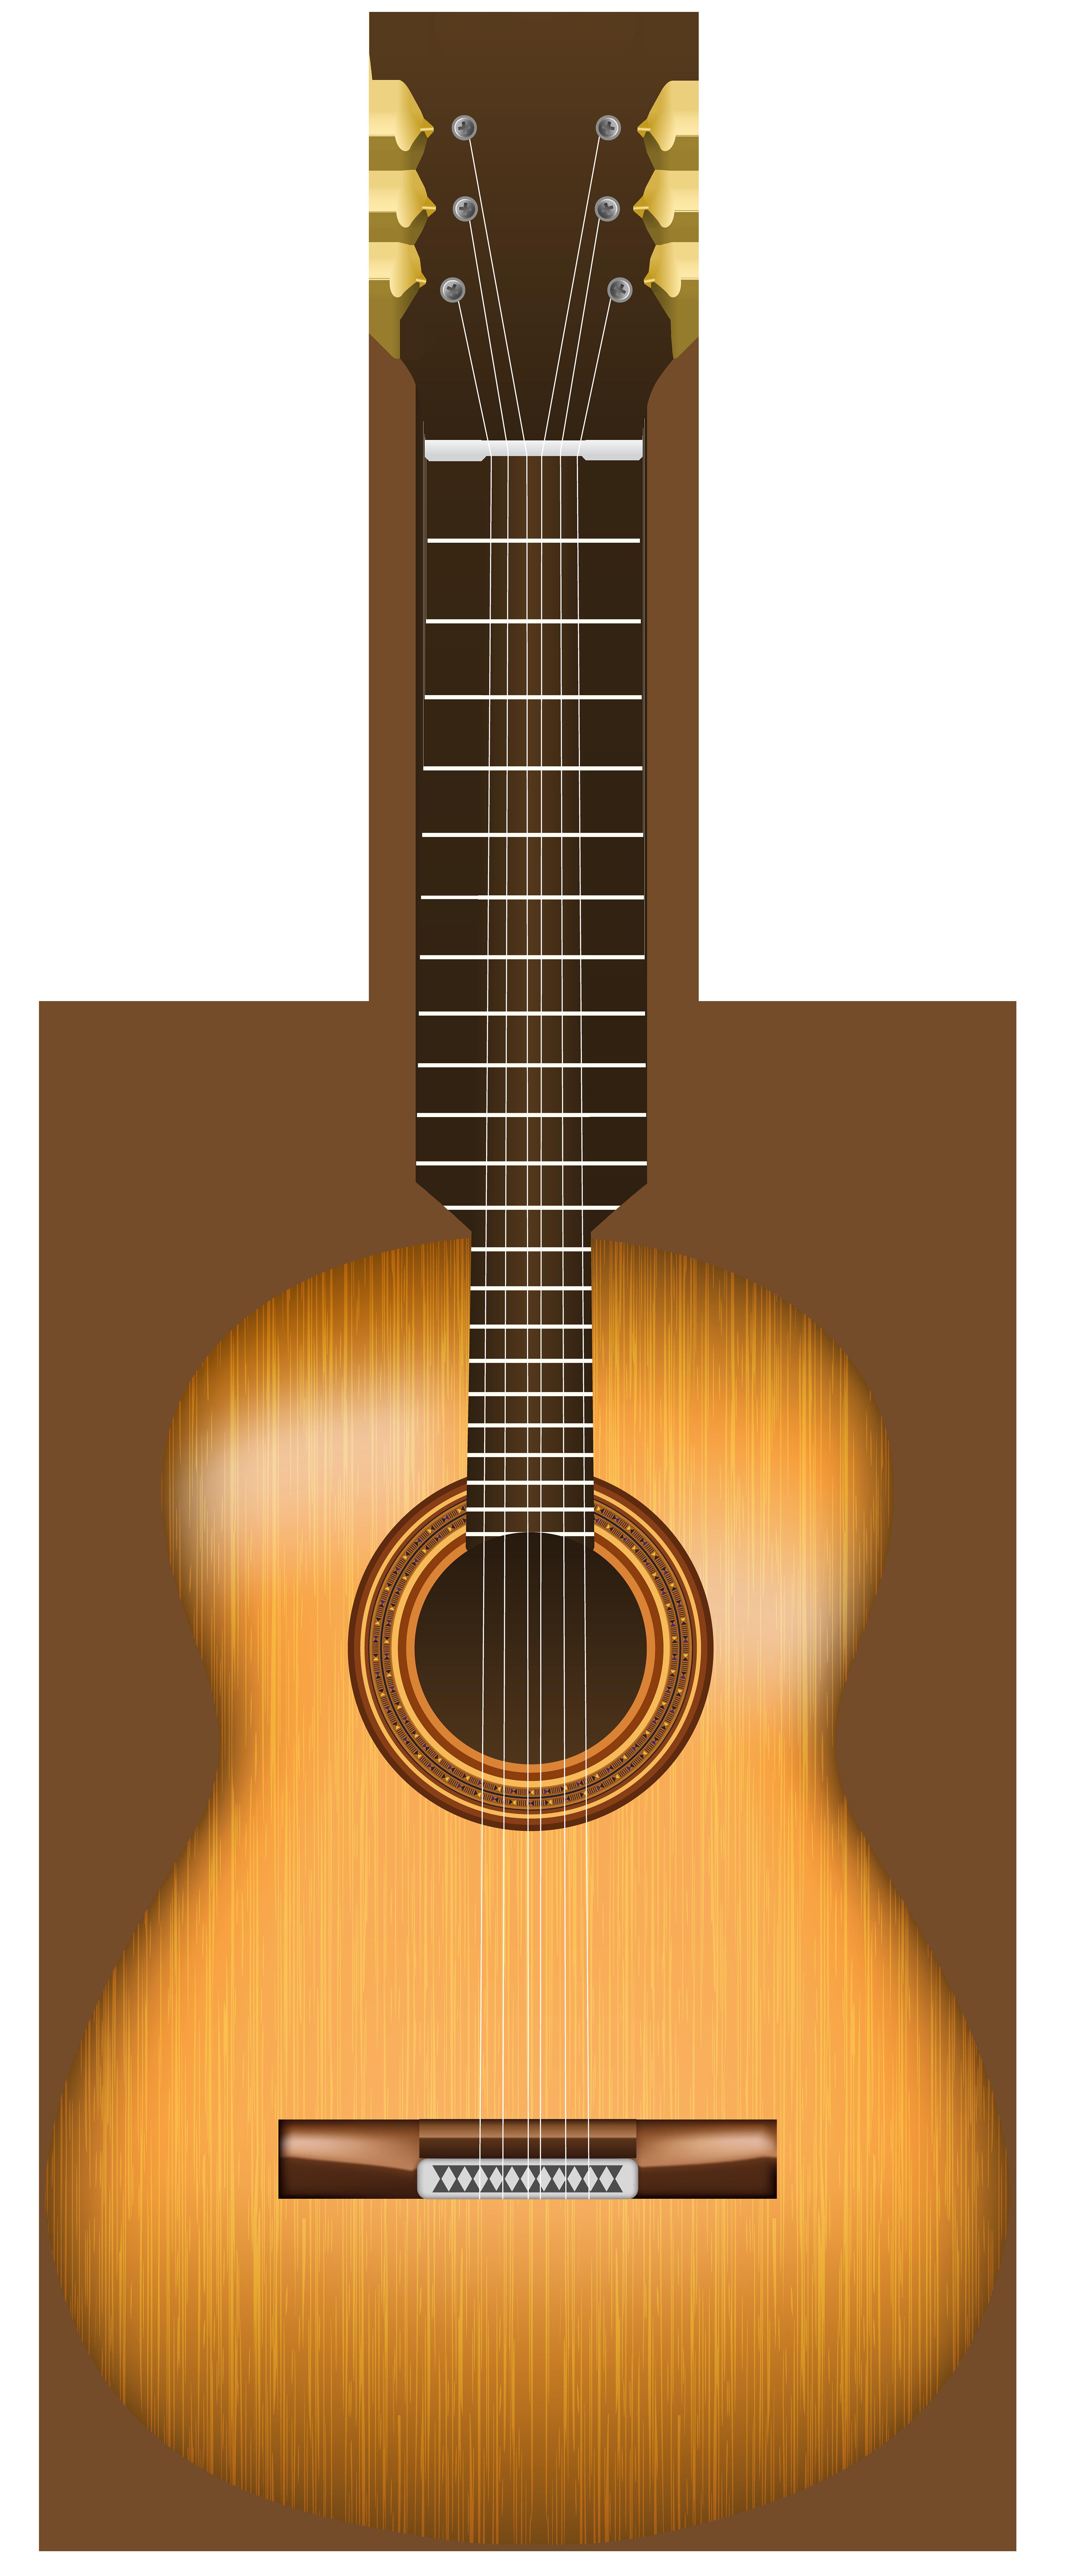 Mexico clipart colorful guitar. Transparent png clip art